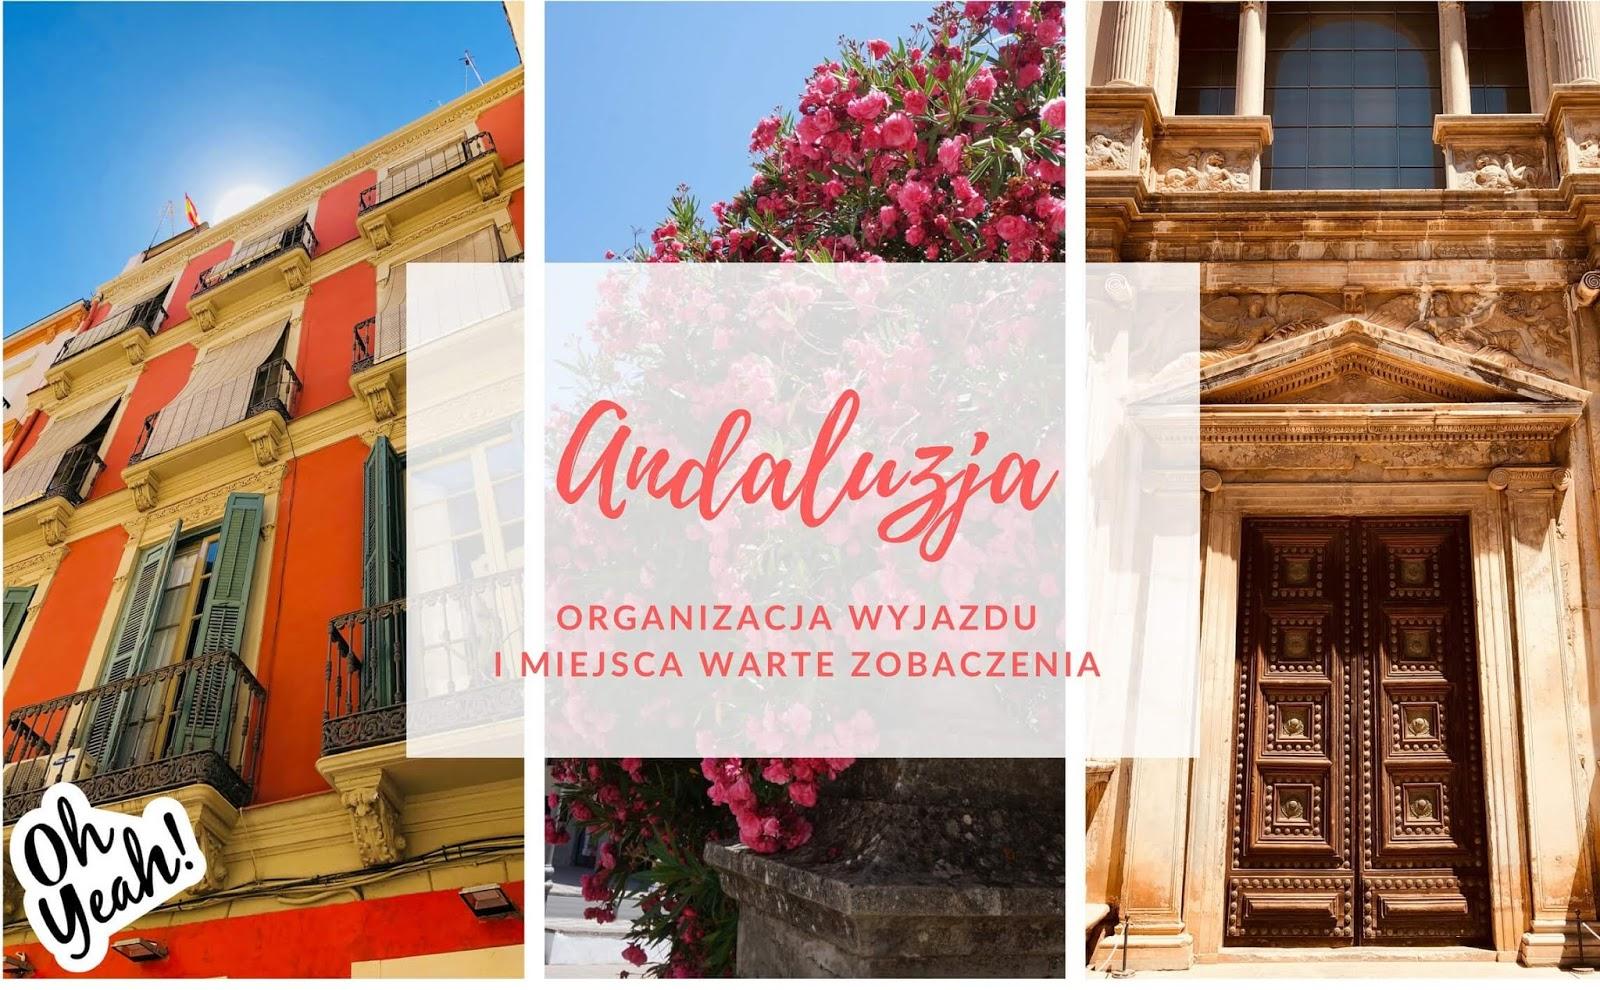 Andaluzja - miejsca warte zwiedzenia i organizacja na własną rękę